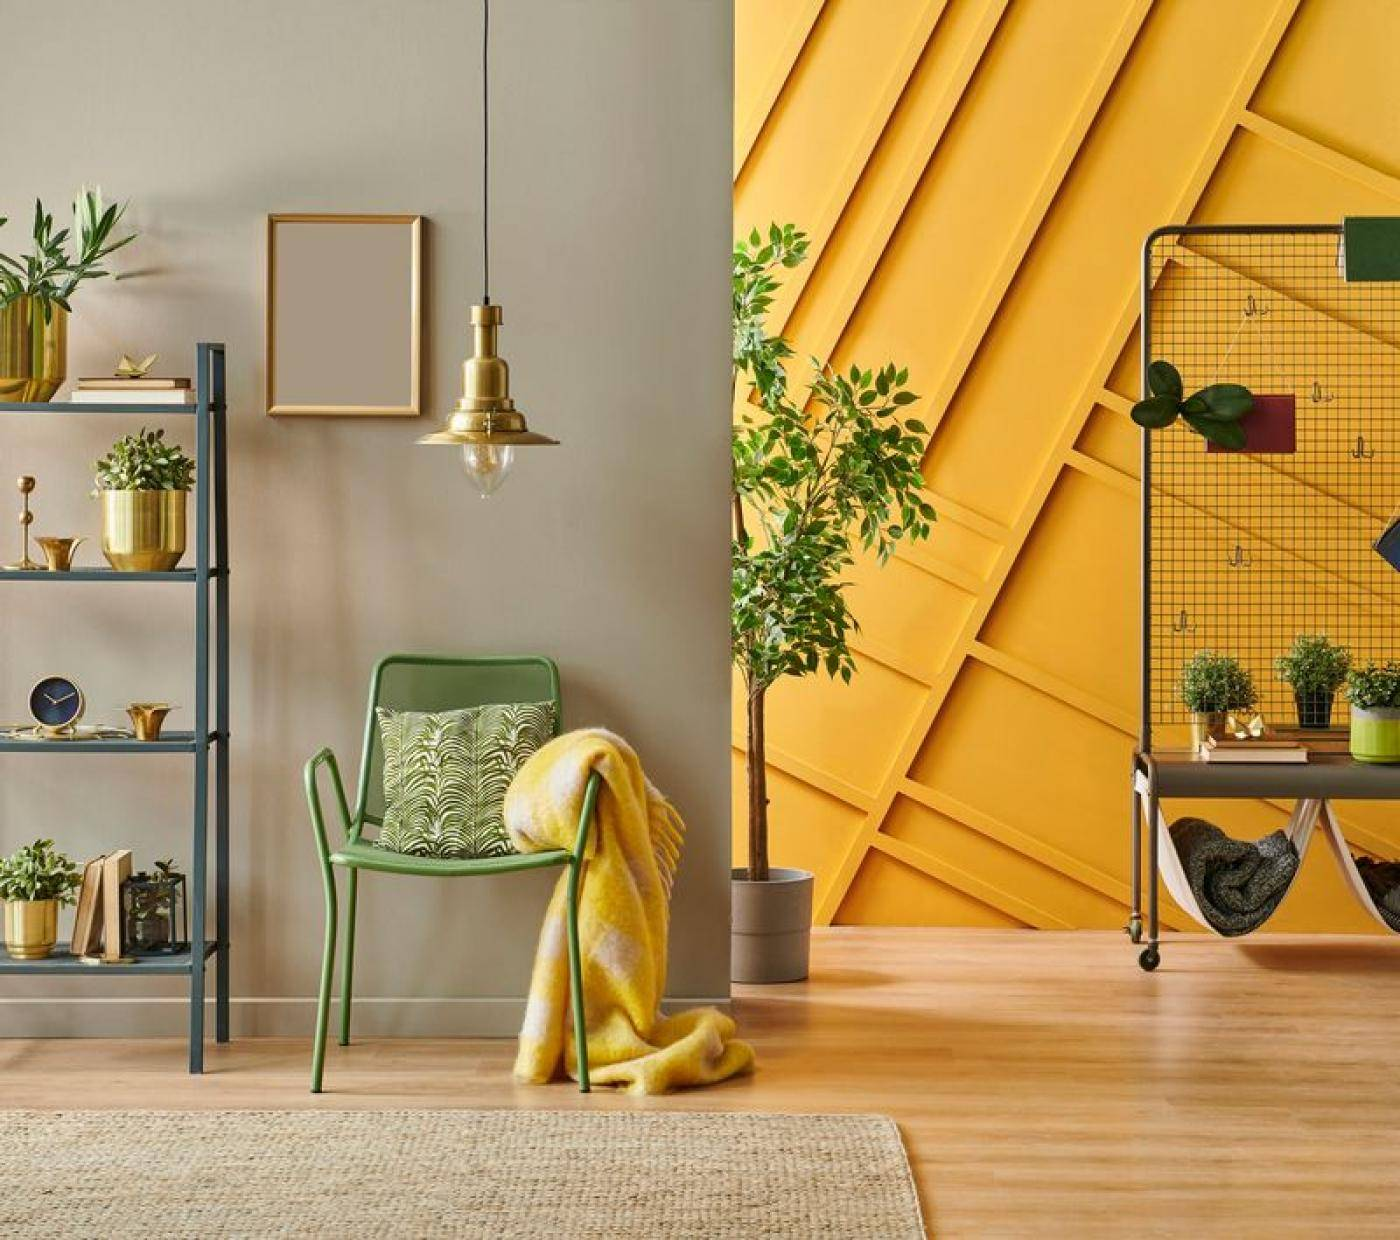 sárga fal, léceszés, zöold szék